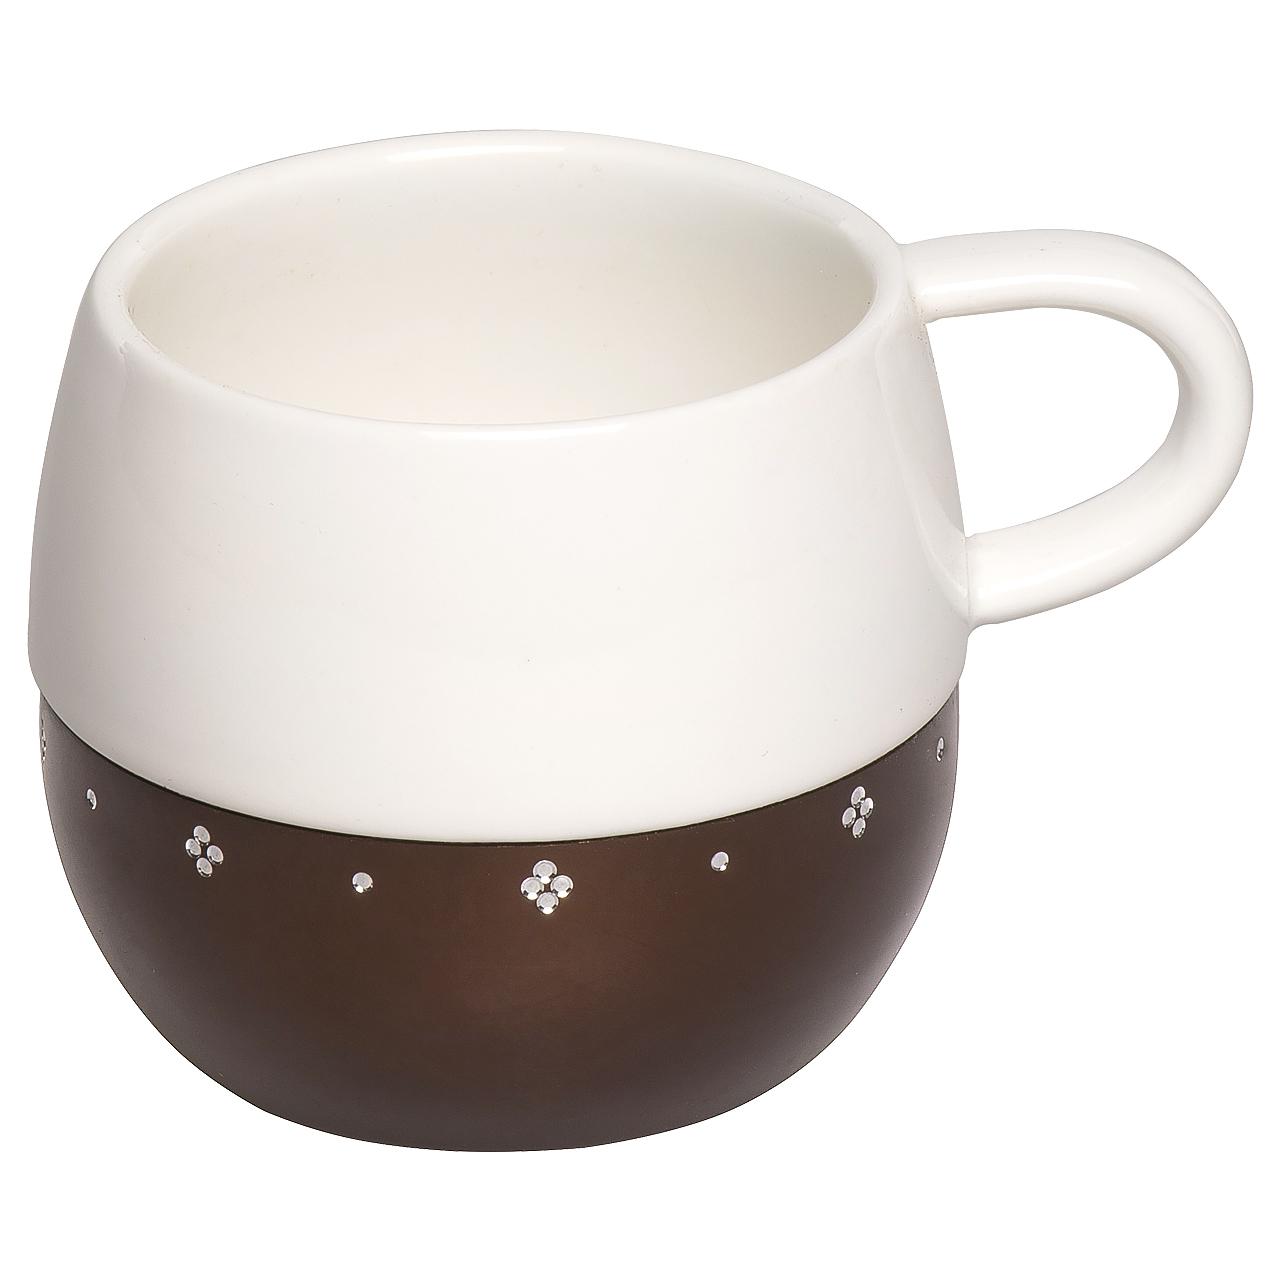 عکس فنجان چای خوری آمبر مدل FL 5150 بسته 6 عددی